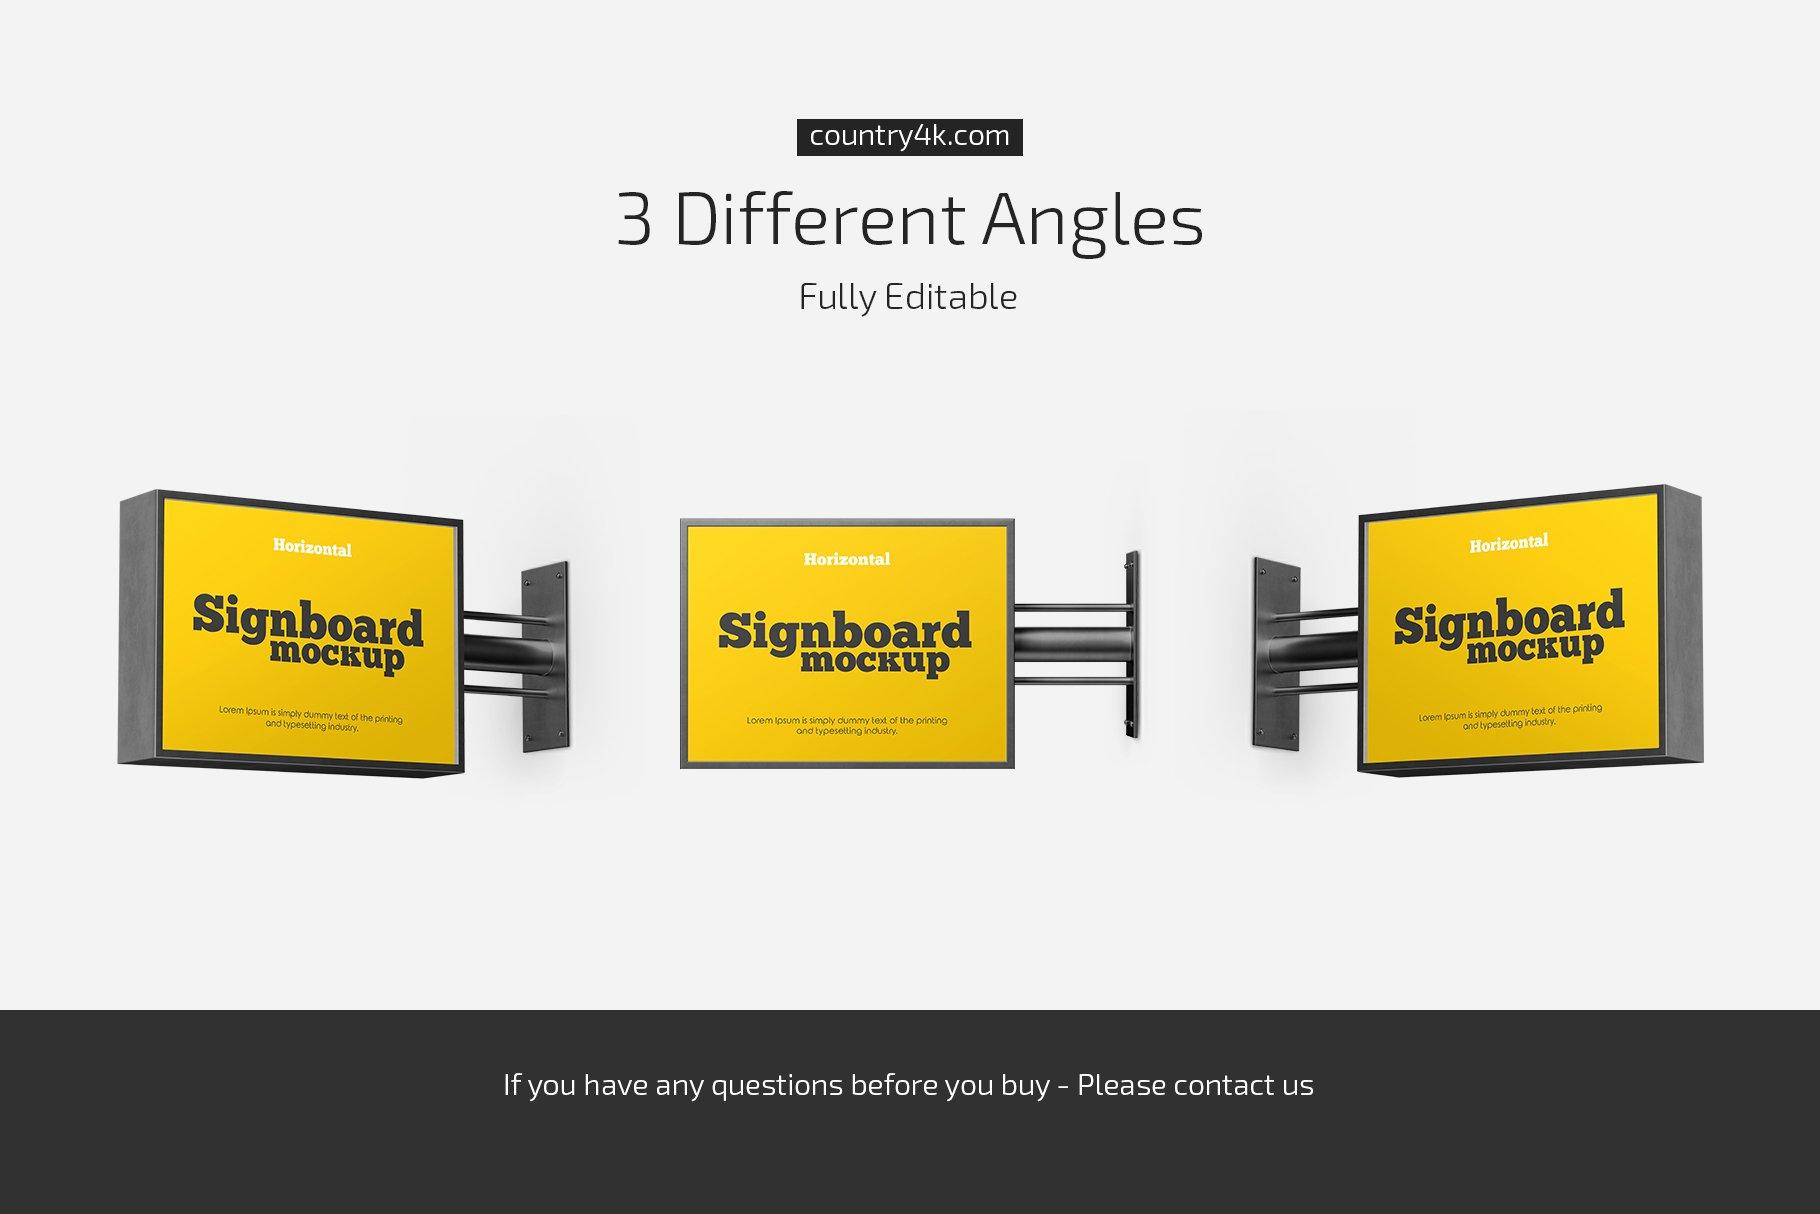 横版店招标牌招牌设计展示样机合集 Horizontal Signboard Mockup Set插图(3)